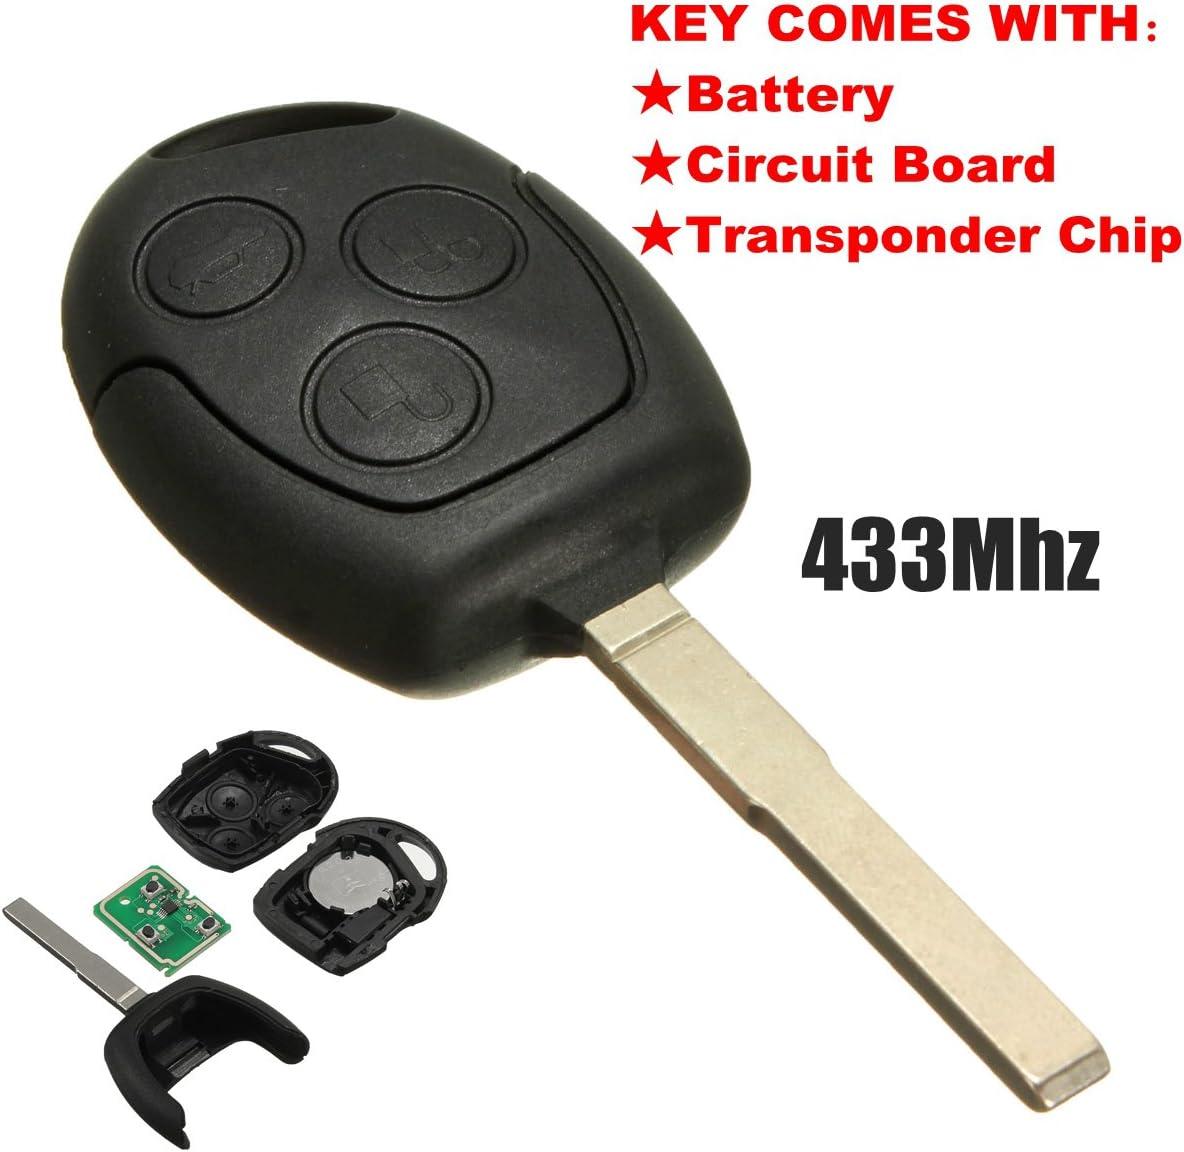 Funkschlüssel Für Ford 3 Tasten 433 92 Mhz Von Katur Auto